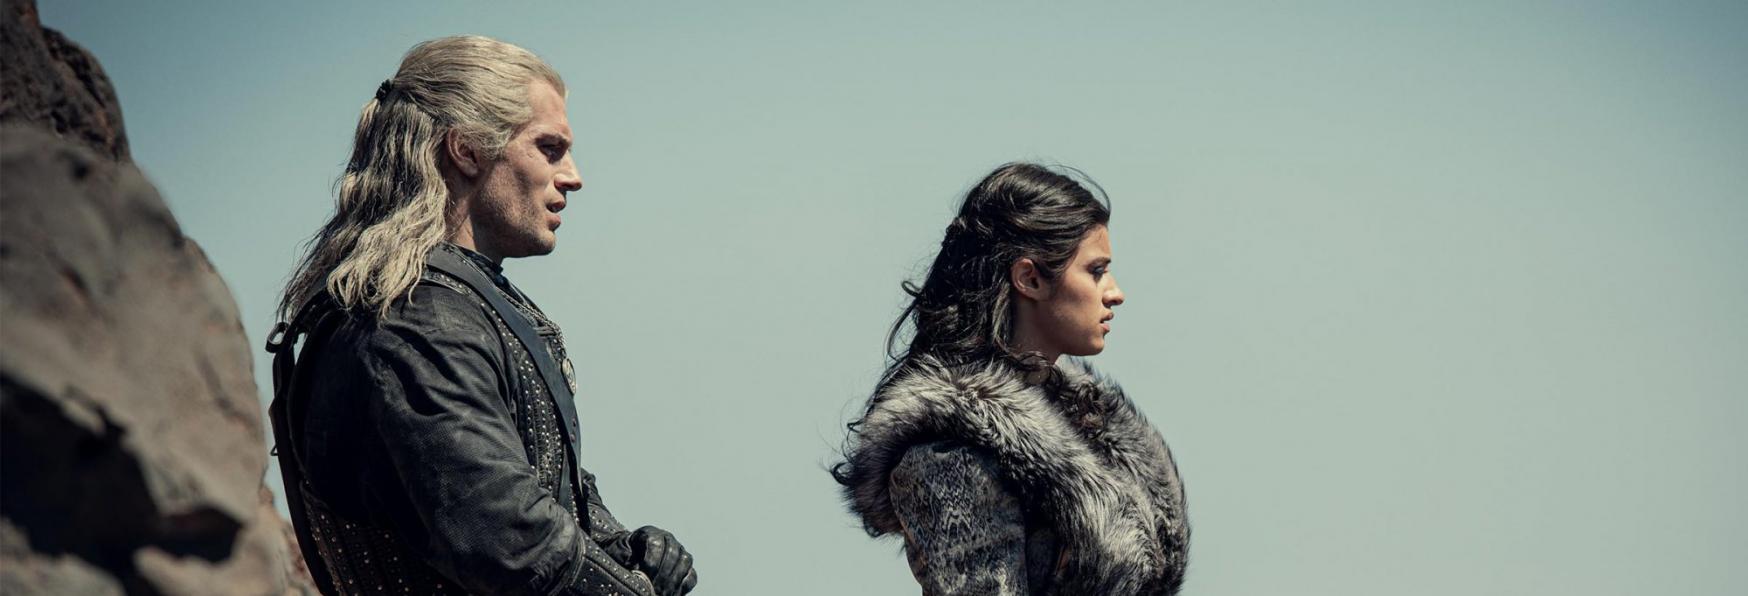 The Witcher 2: ecco gli Attori della nuova Stagione della Serie TV Netflix